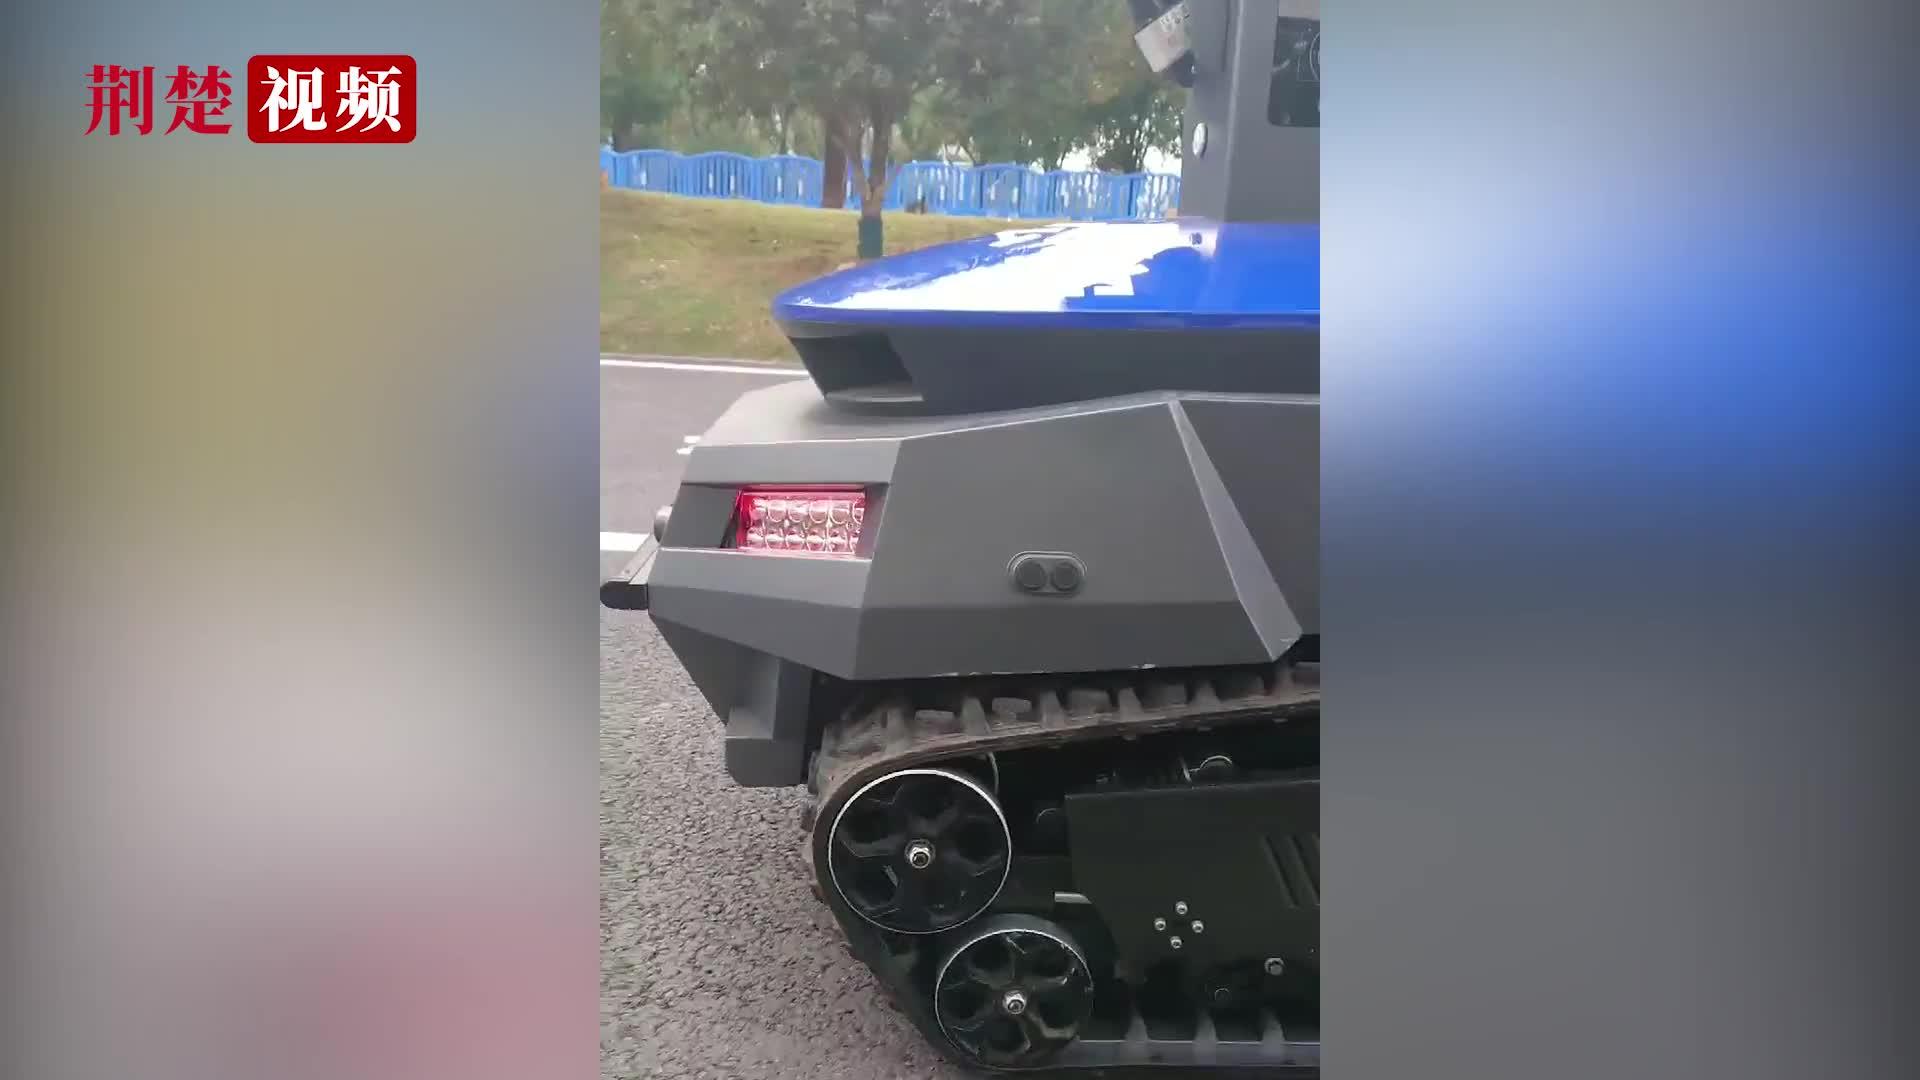 【军运vlog】机器人巡逻,军运硬核科技了解一下